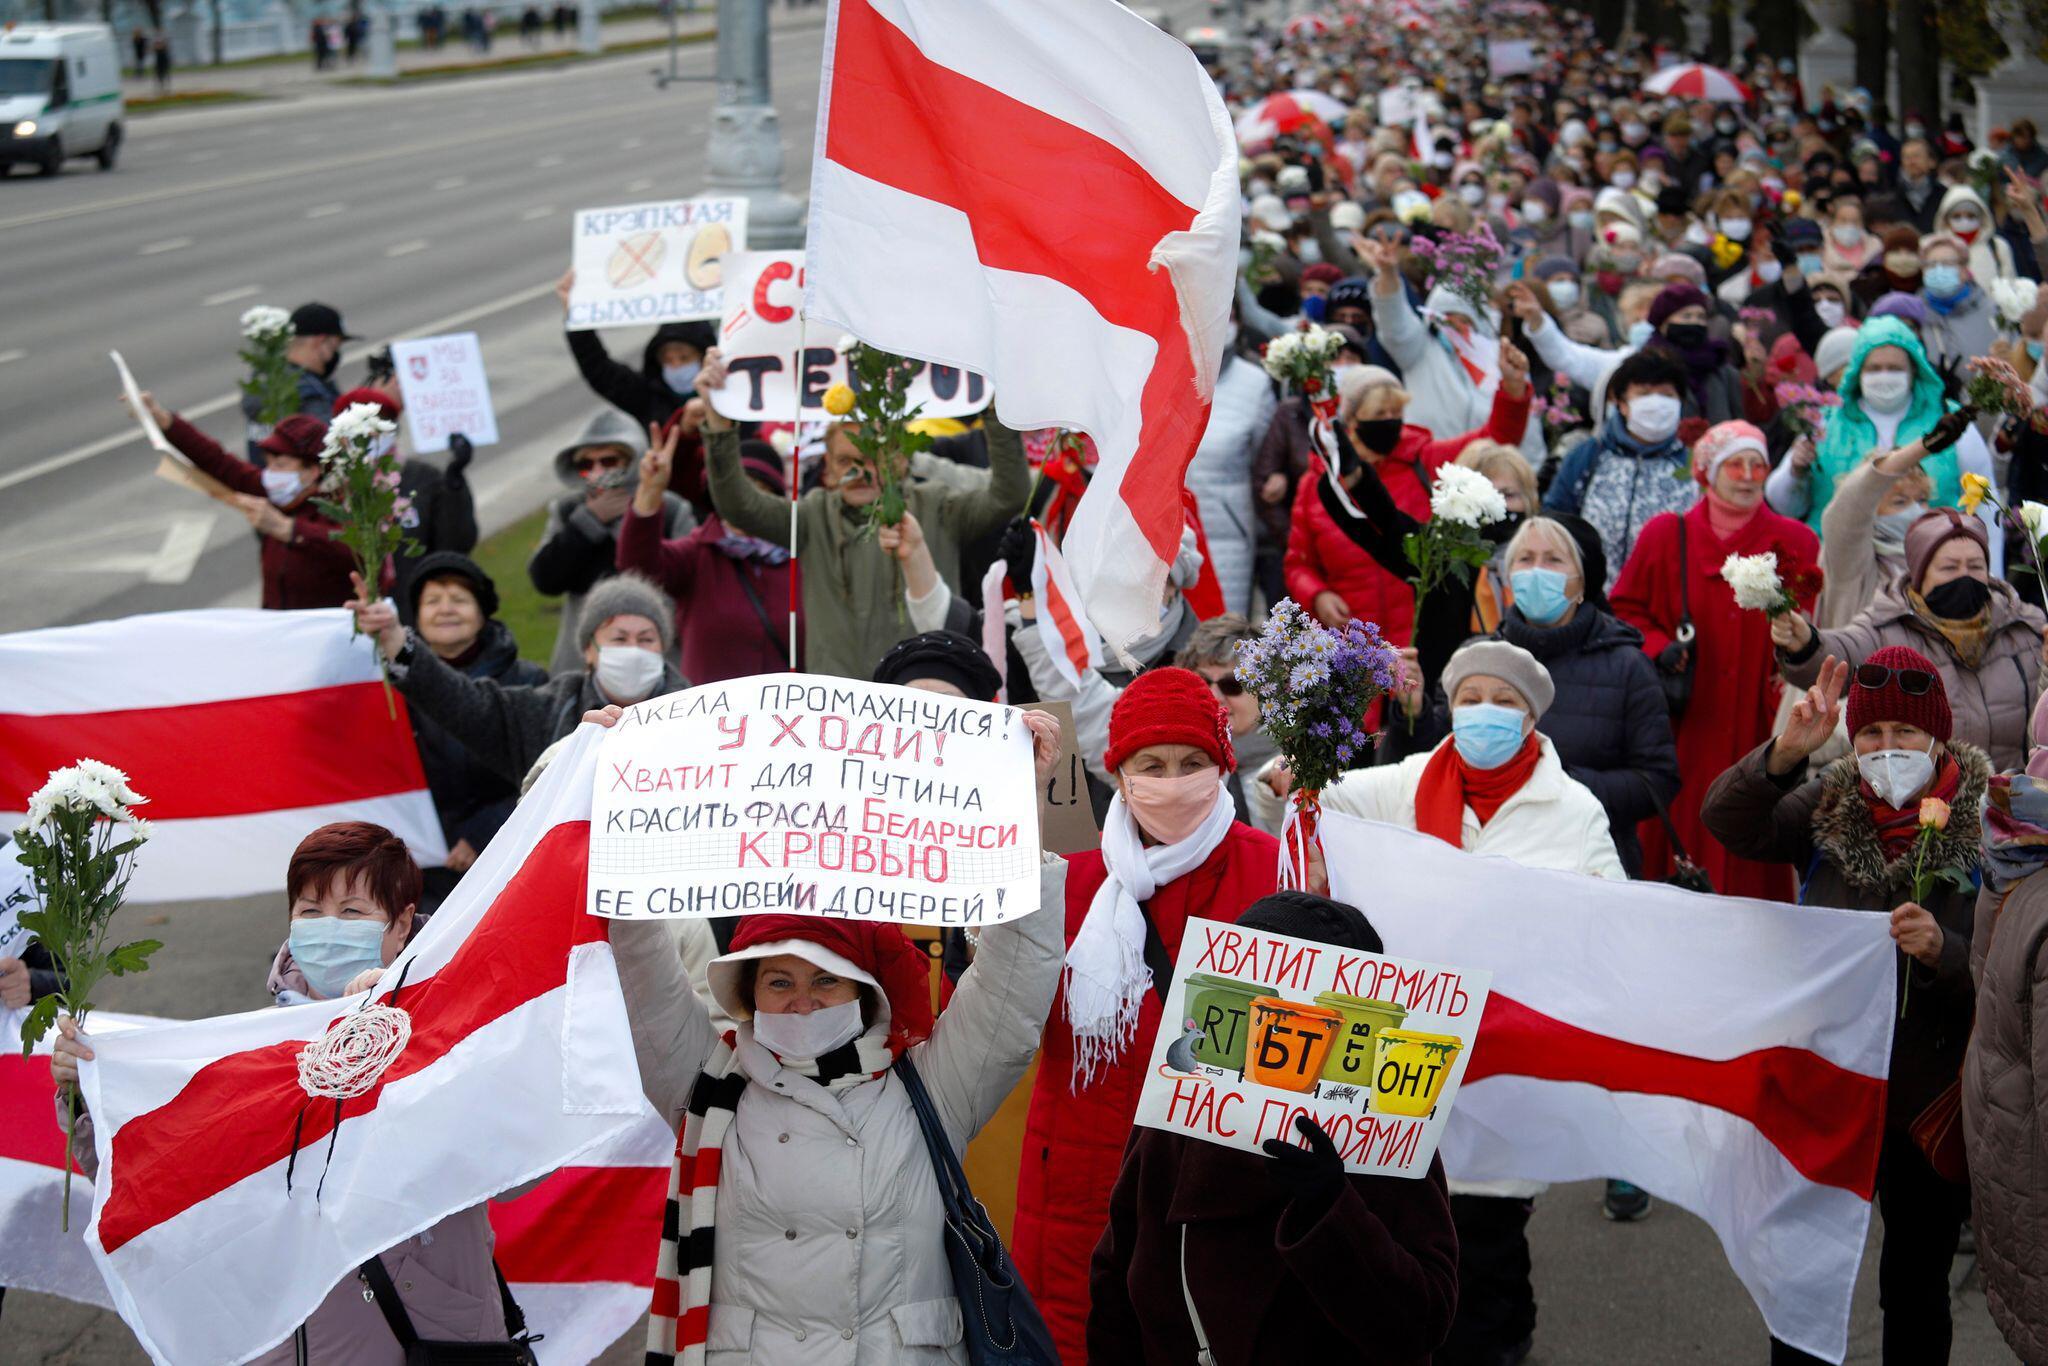 Sacharow-Preis für Belarussische Opposition